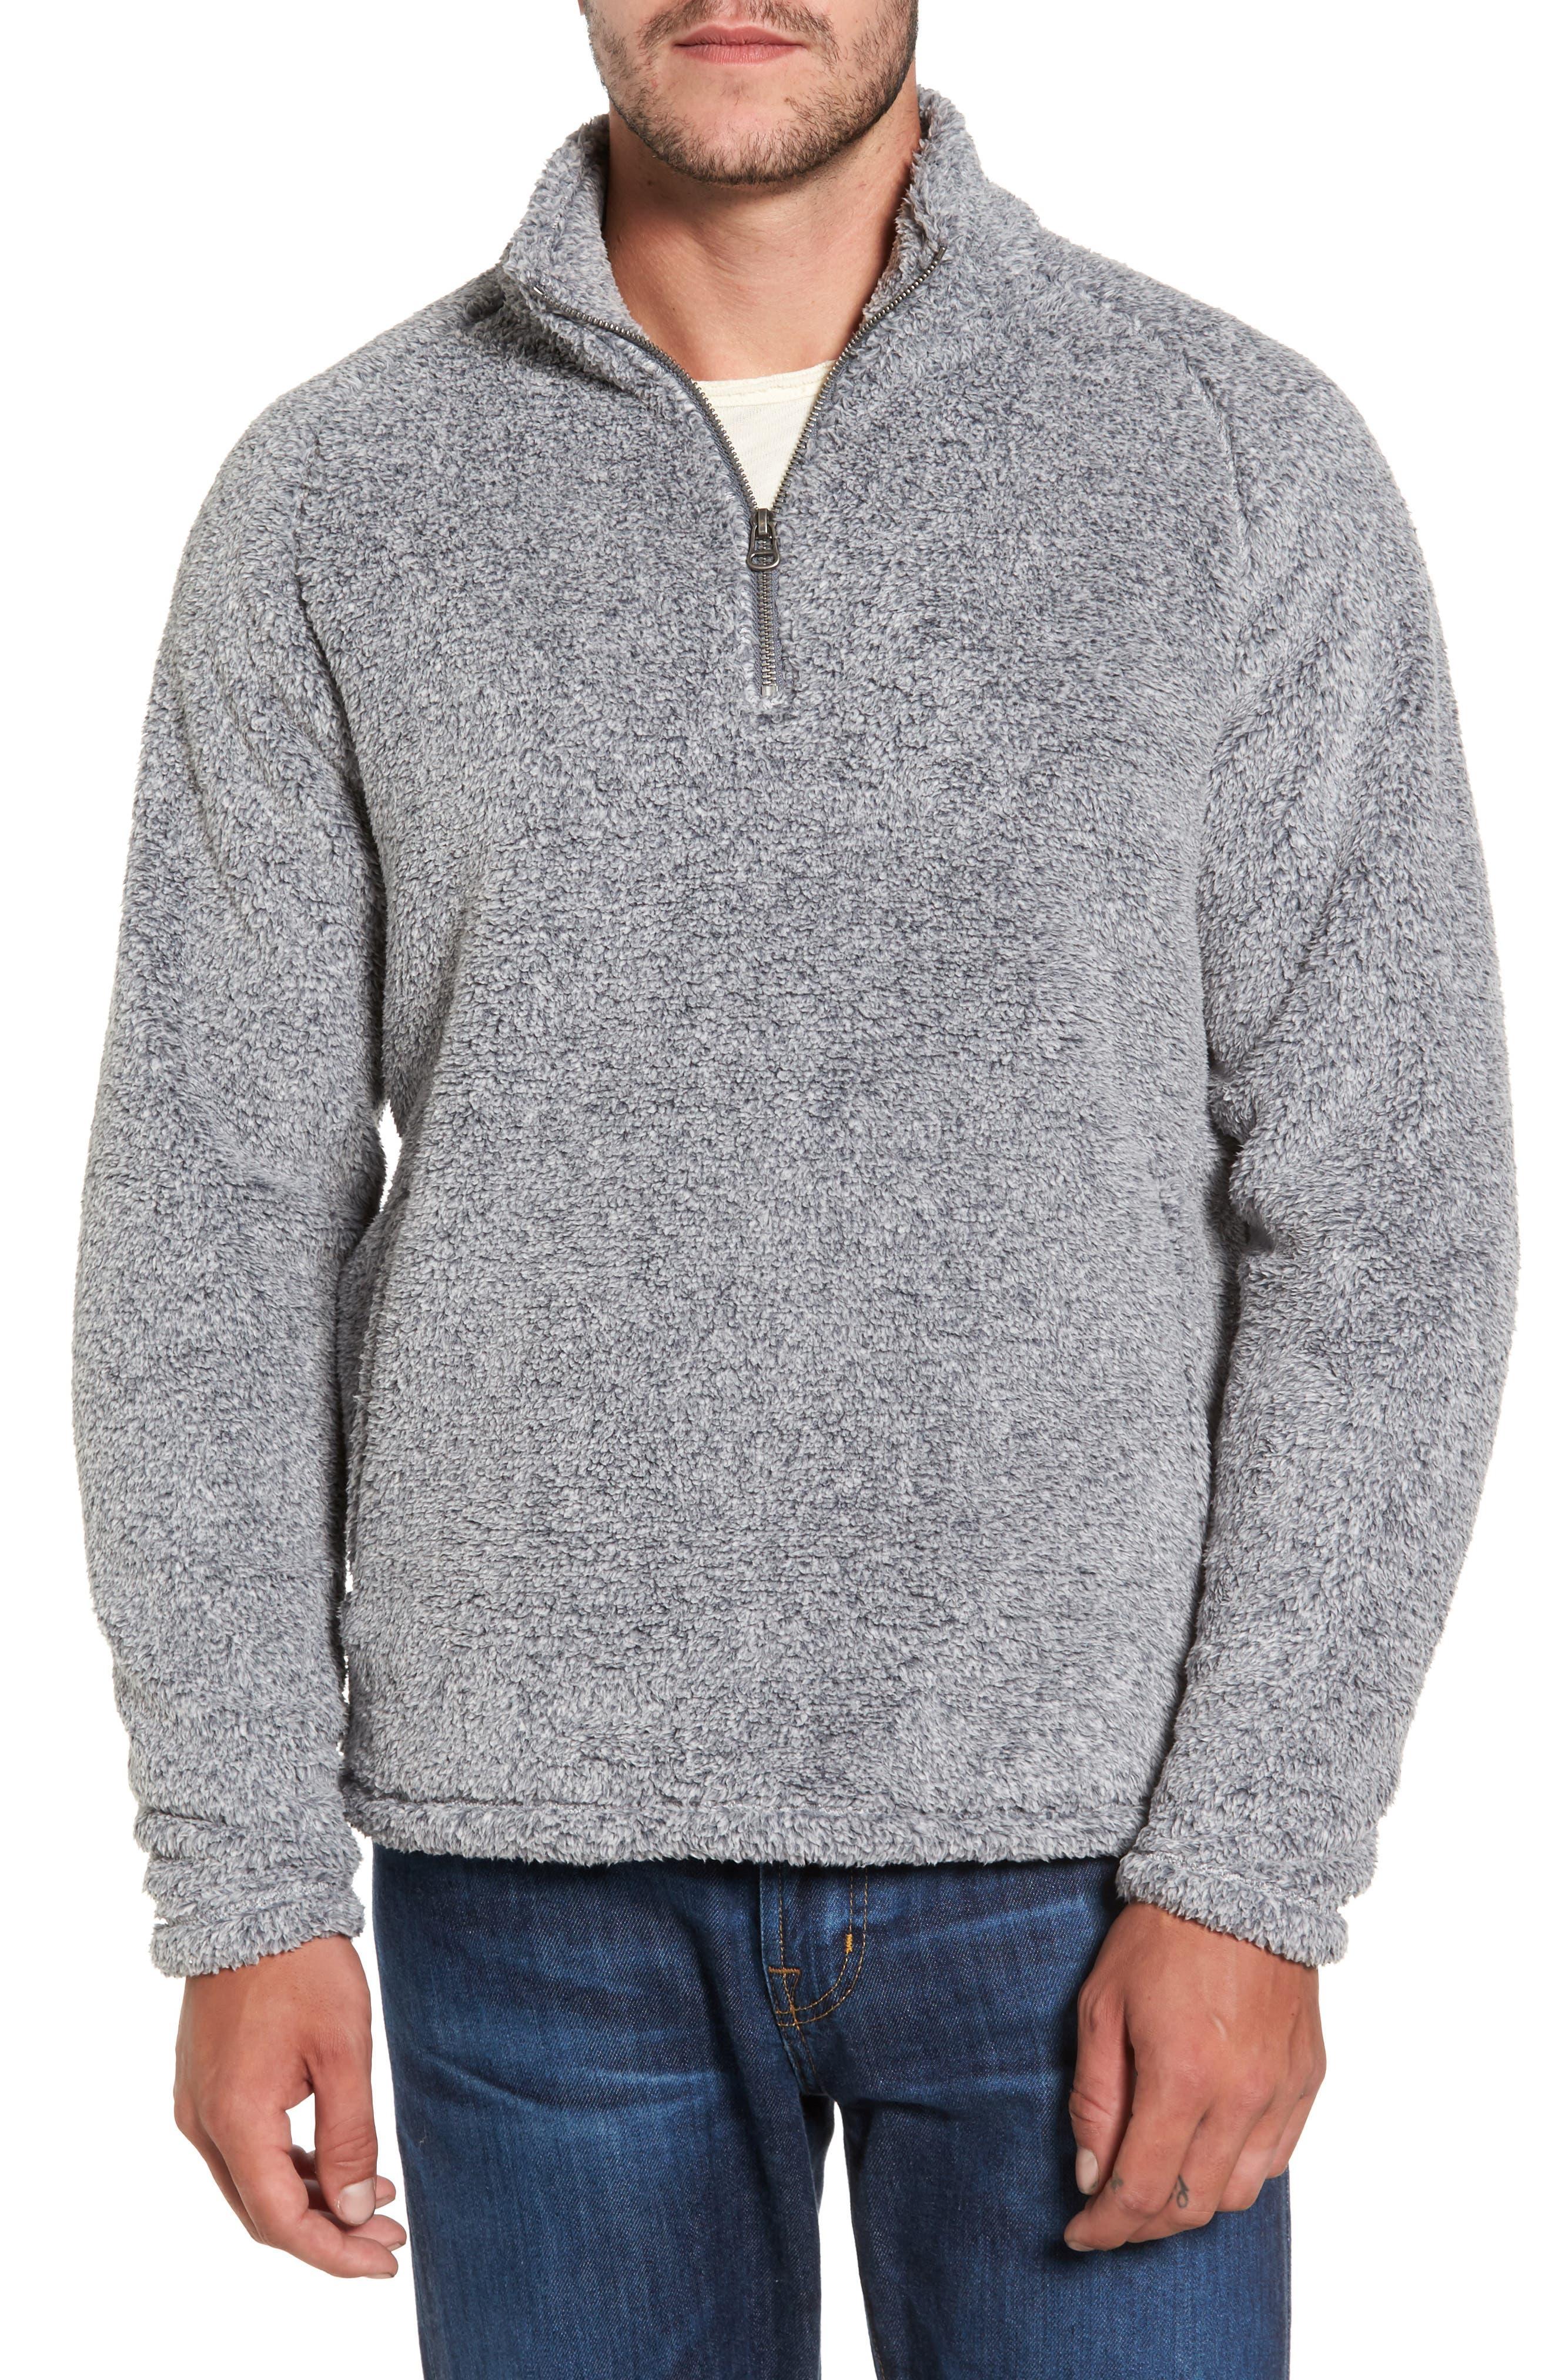 Polar Fleece Quarter Zip Pullover,                             Main thumbnail 1, color,                             Black Caviar Heather